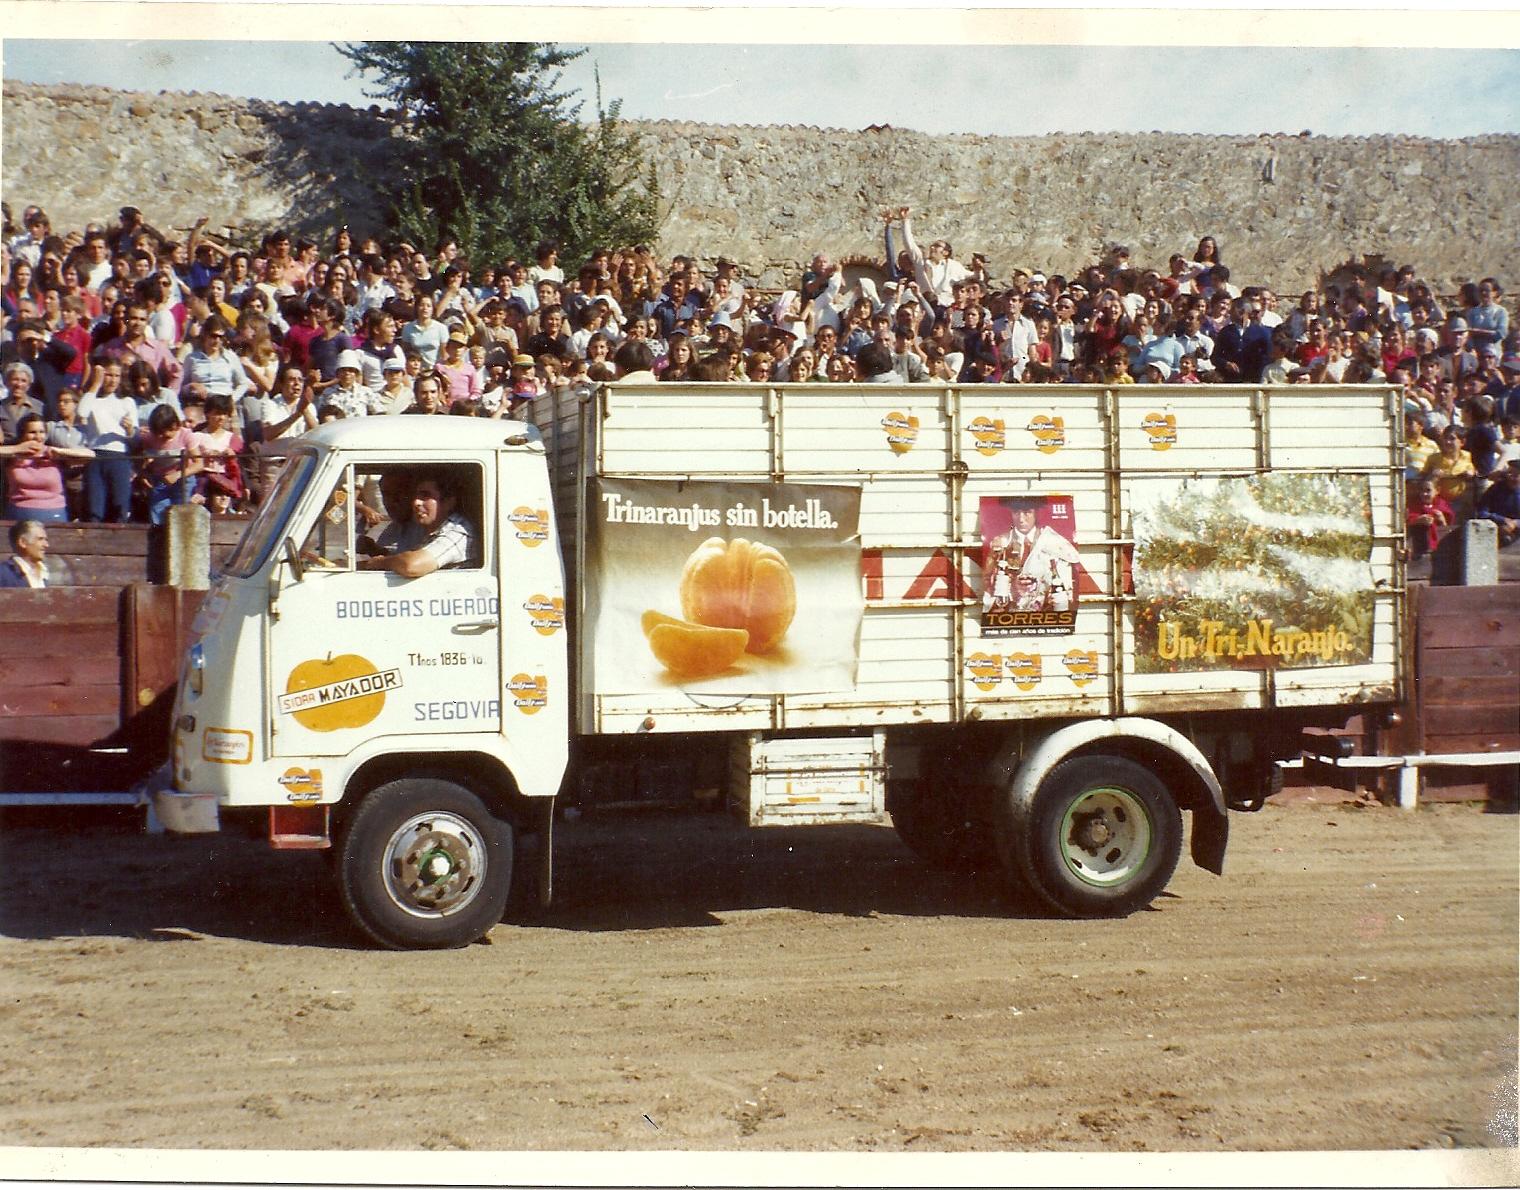 Santa Marta Fiesta de los Camareros en Segovia